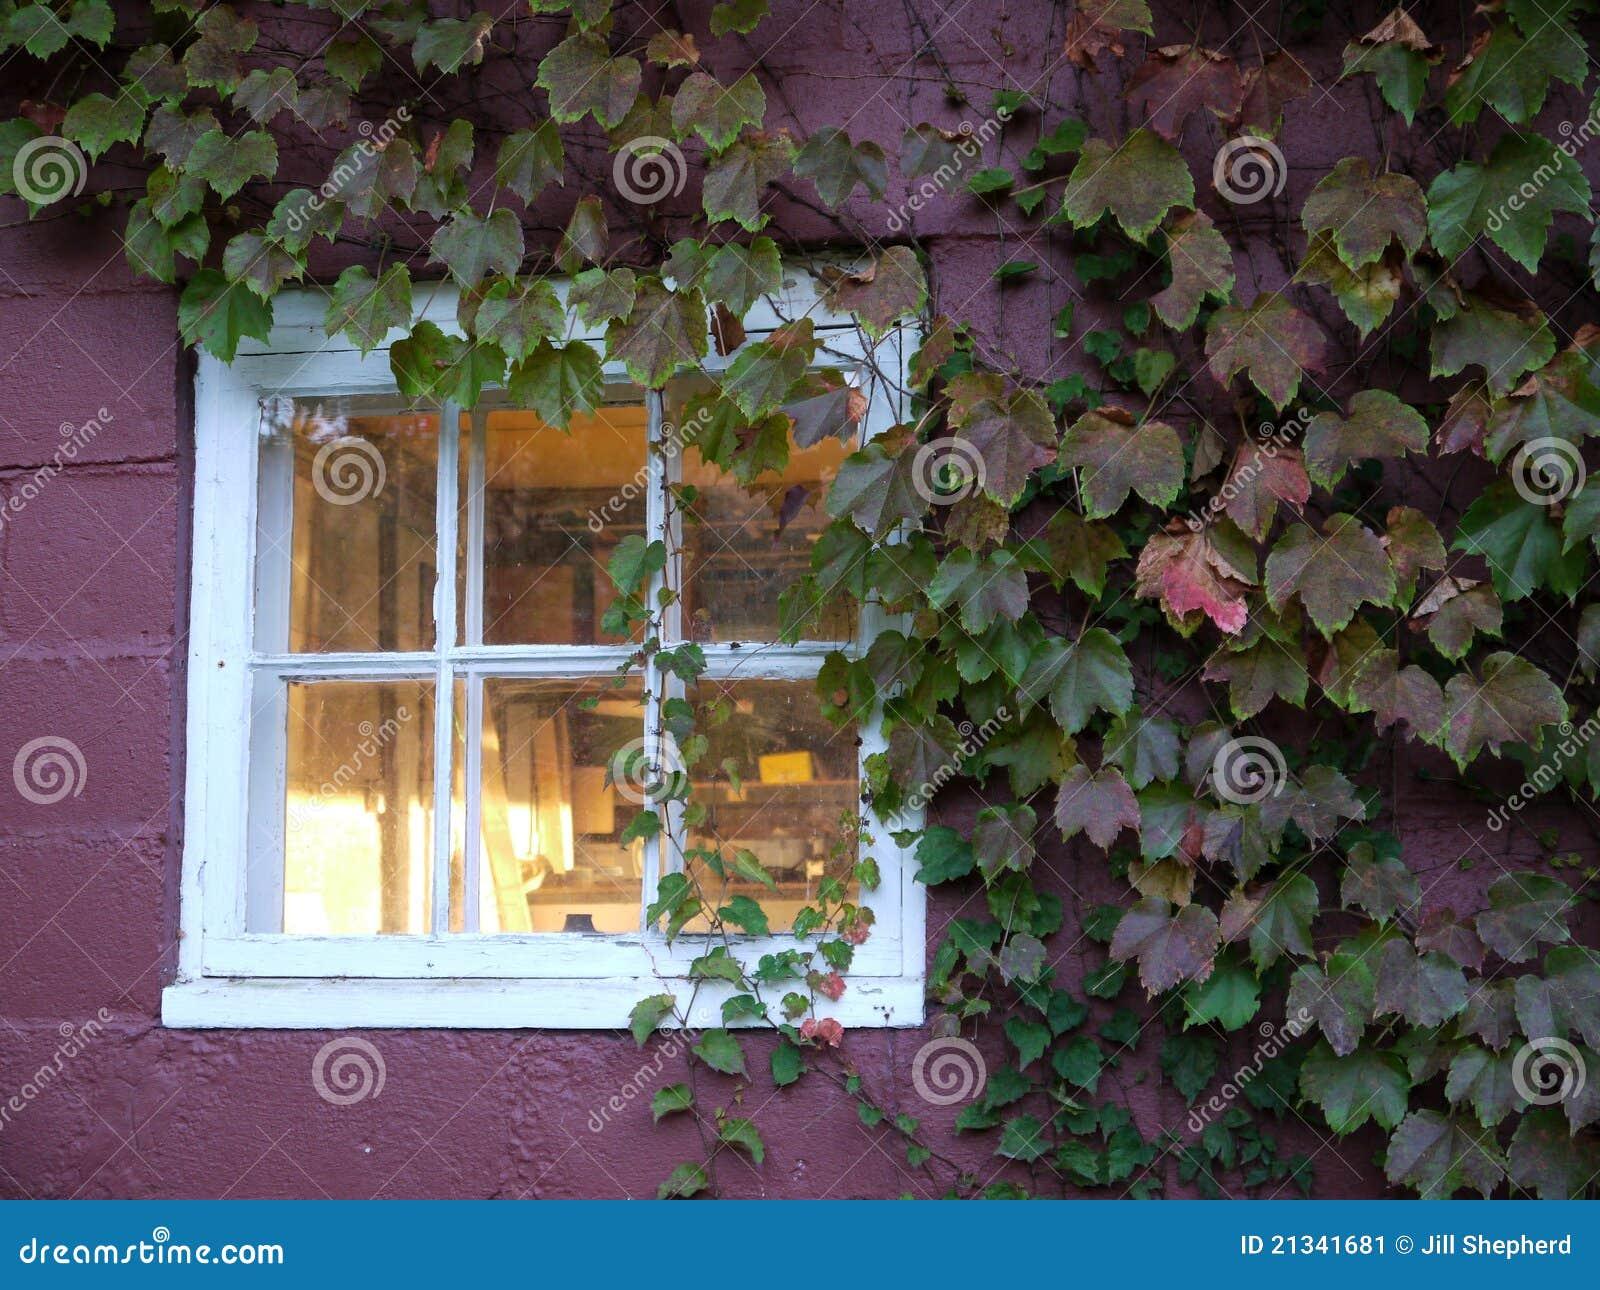 automne plante grimpante autour d 39 hublot dans le mur. Black Bedroom Furniture Sets. Home Design Ideas